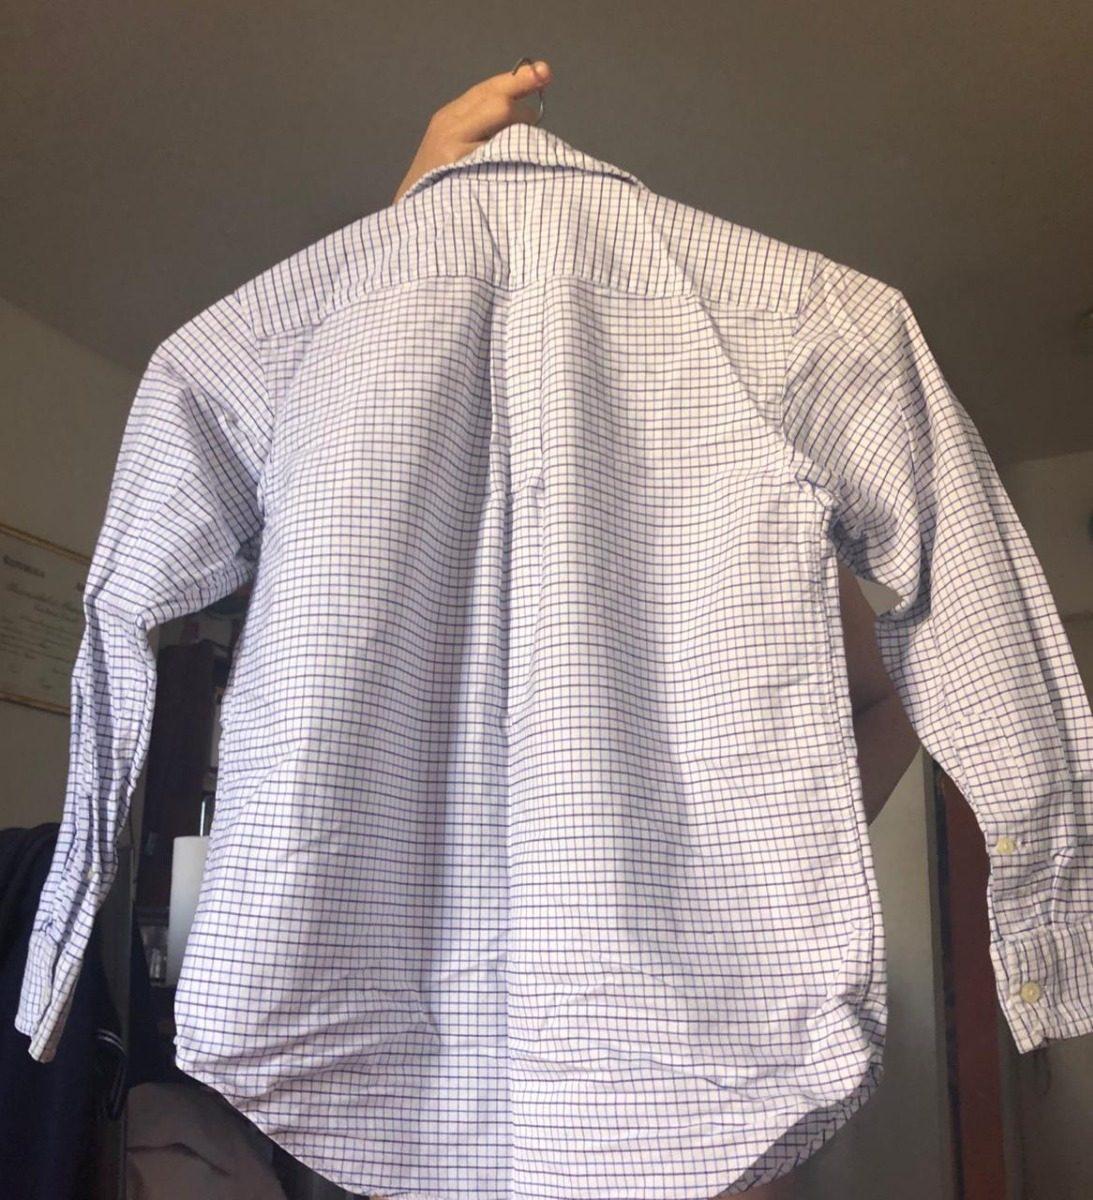 Camisa Polo Ralph Lauren Cuadriculada Azul Y Blanca -   500,00 en ... c1876c07bd8